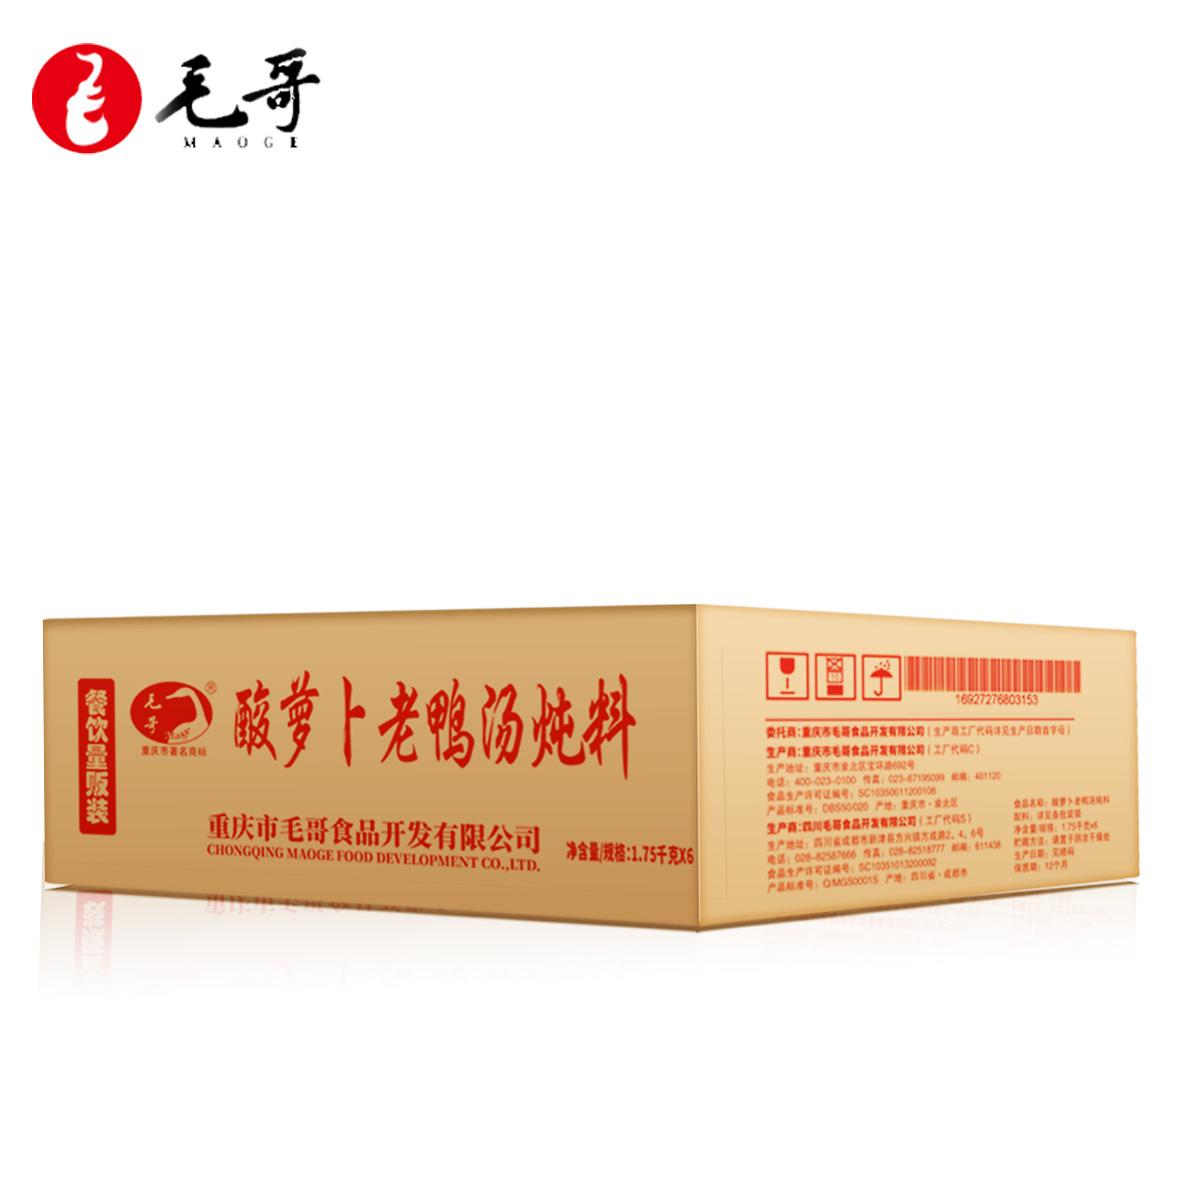 毛哥酸萝卜老鸭汤炖料1.75kg*6袋餐饮装整件共含30袋小包装调料